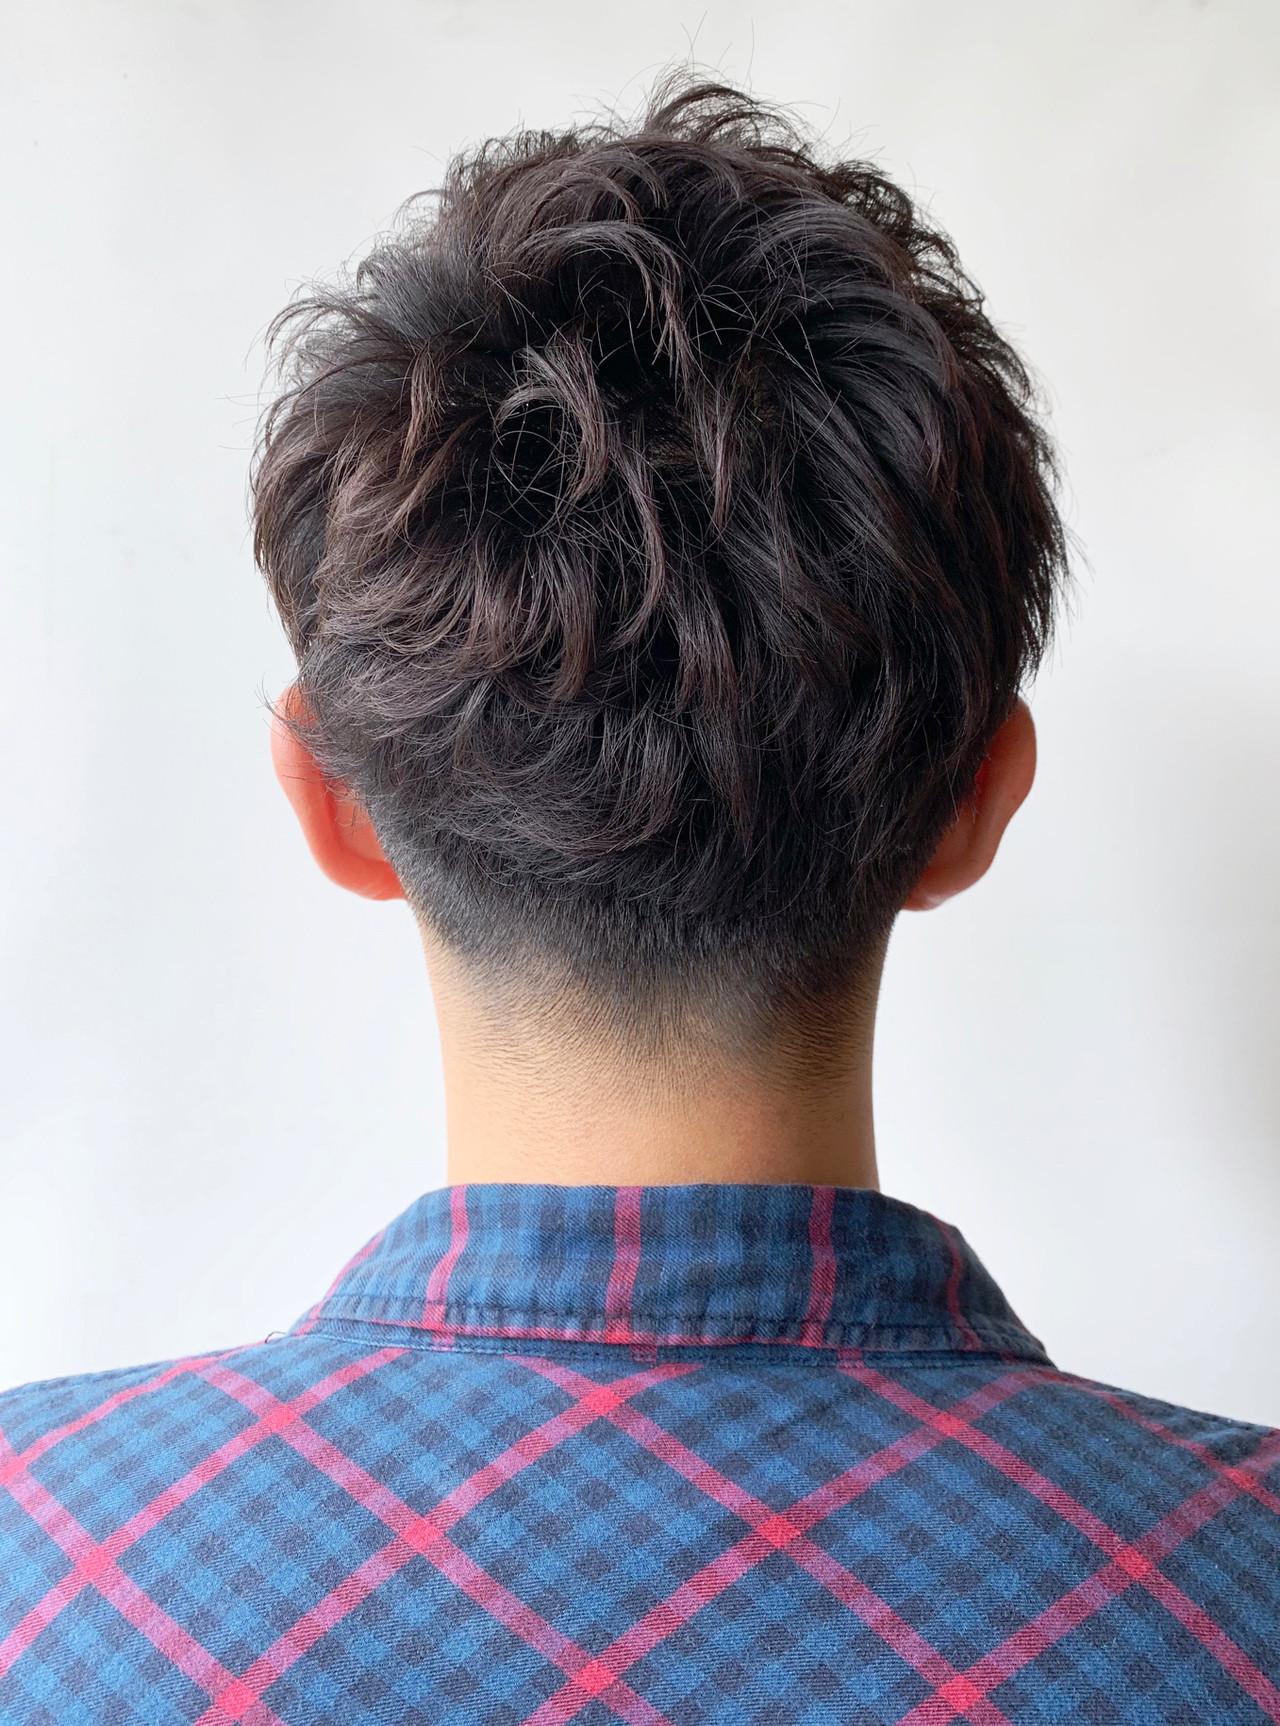 刈り上げ メンズショート メンズヘア ストリート ヘアスタイルや髪型の写真・画像 | 矢木 智浩/morio札幌 / moriofromlondon札幌ファクトリー店